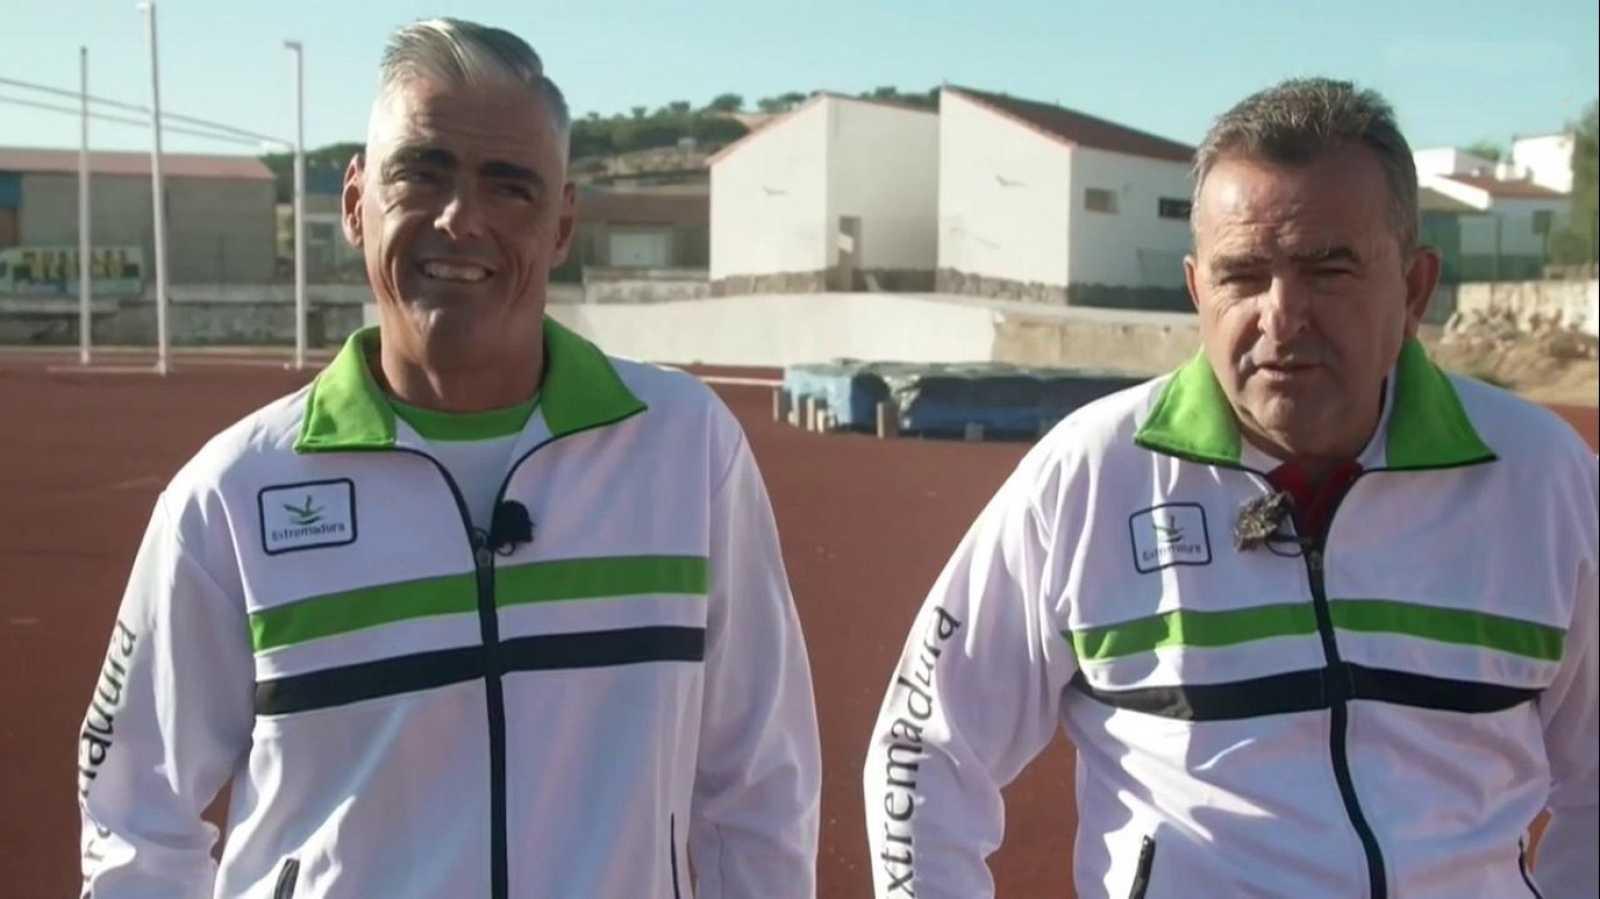 Jóvenes y deporte - Atletismo: José María Pámpano - ver ahora